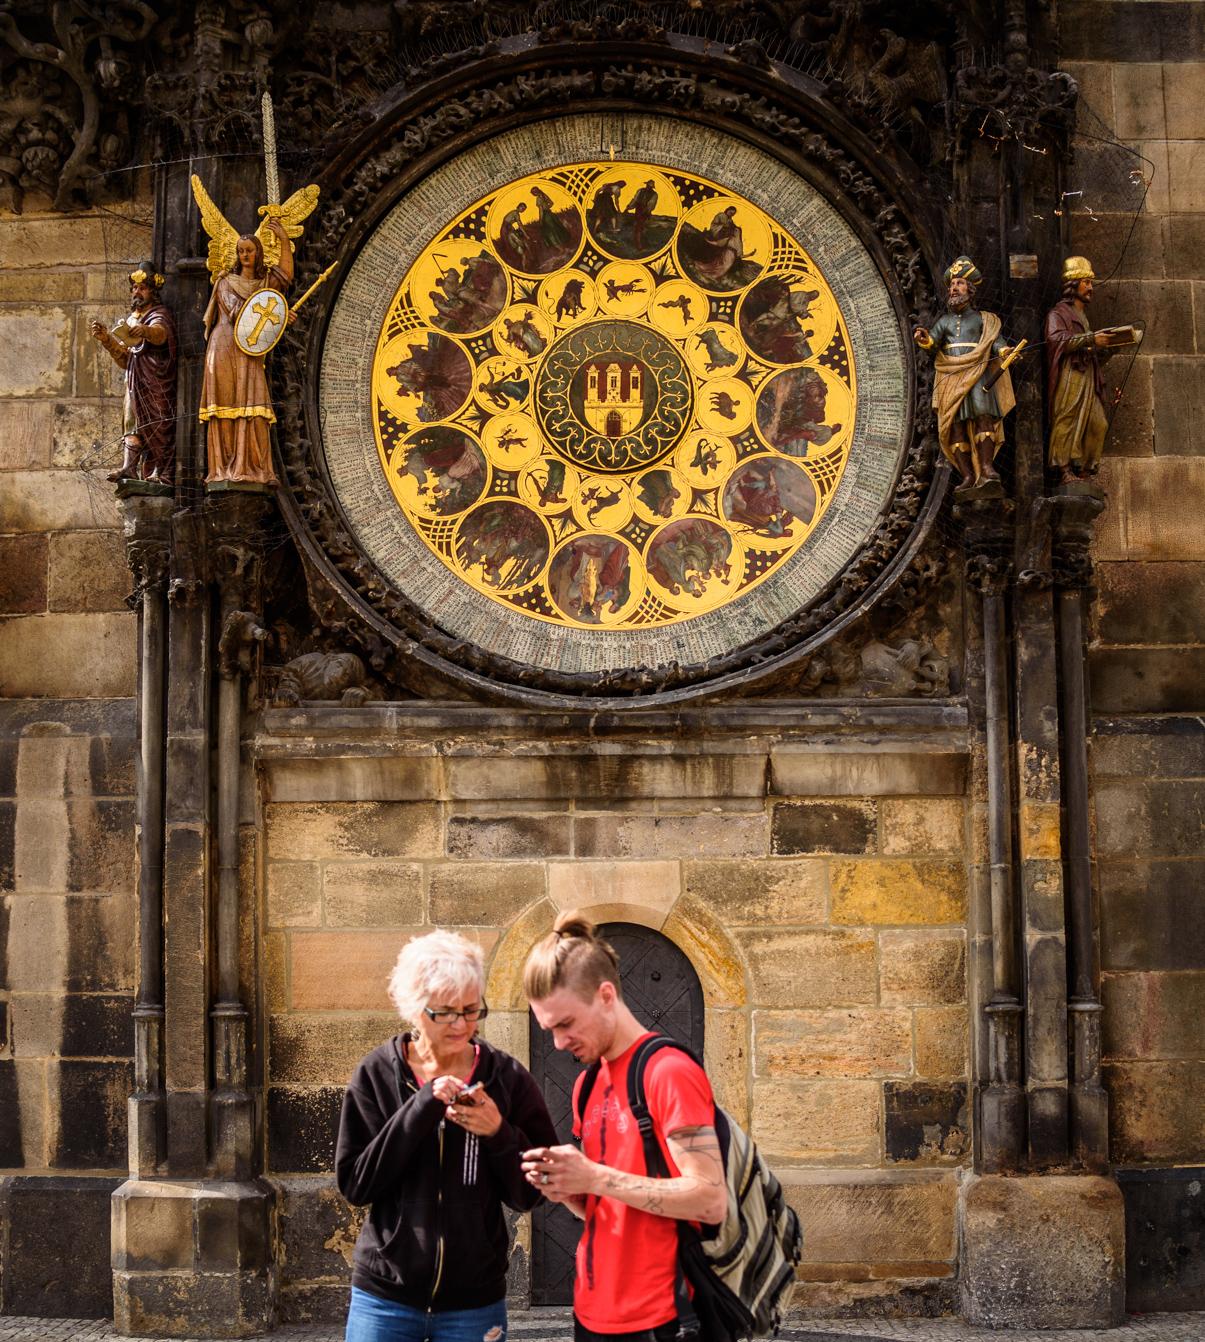 esfera-calendario-reloj-praga.jpg